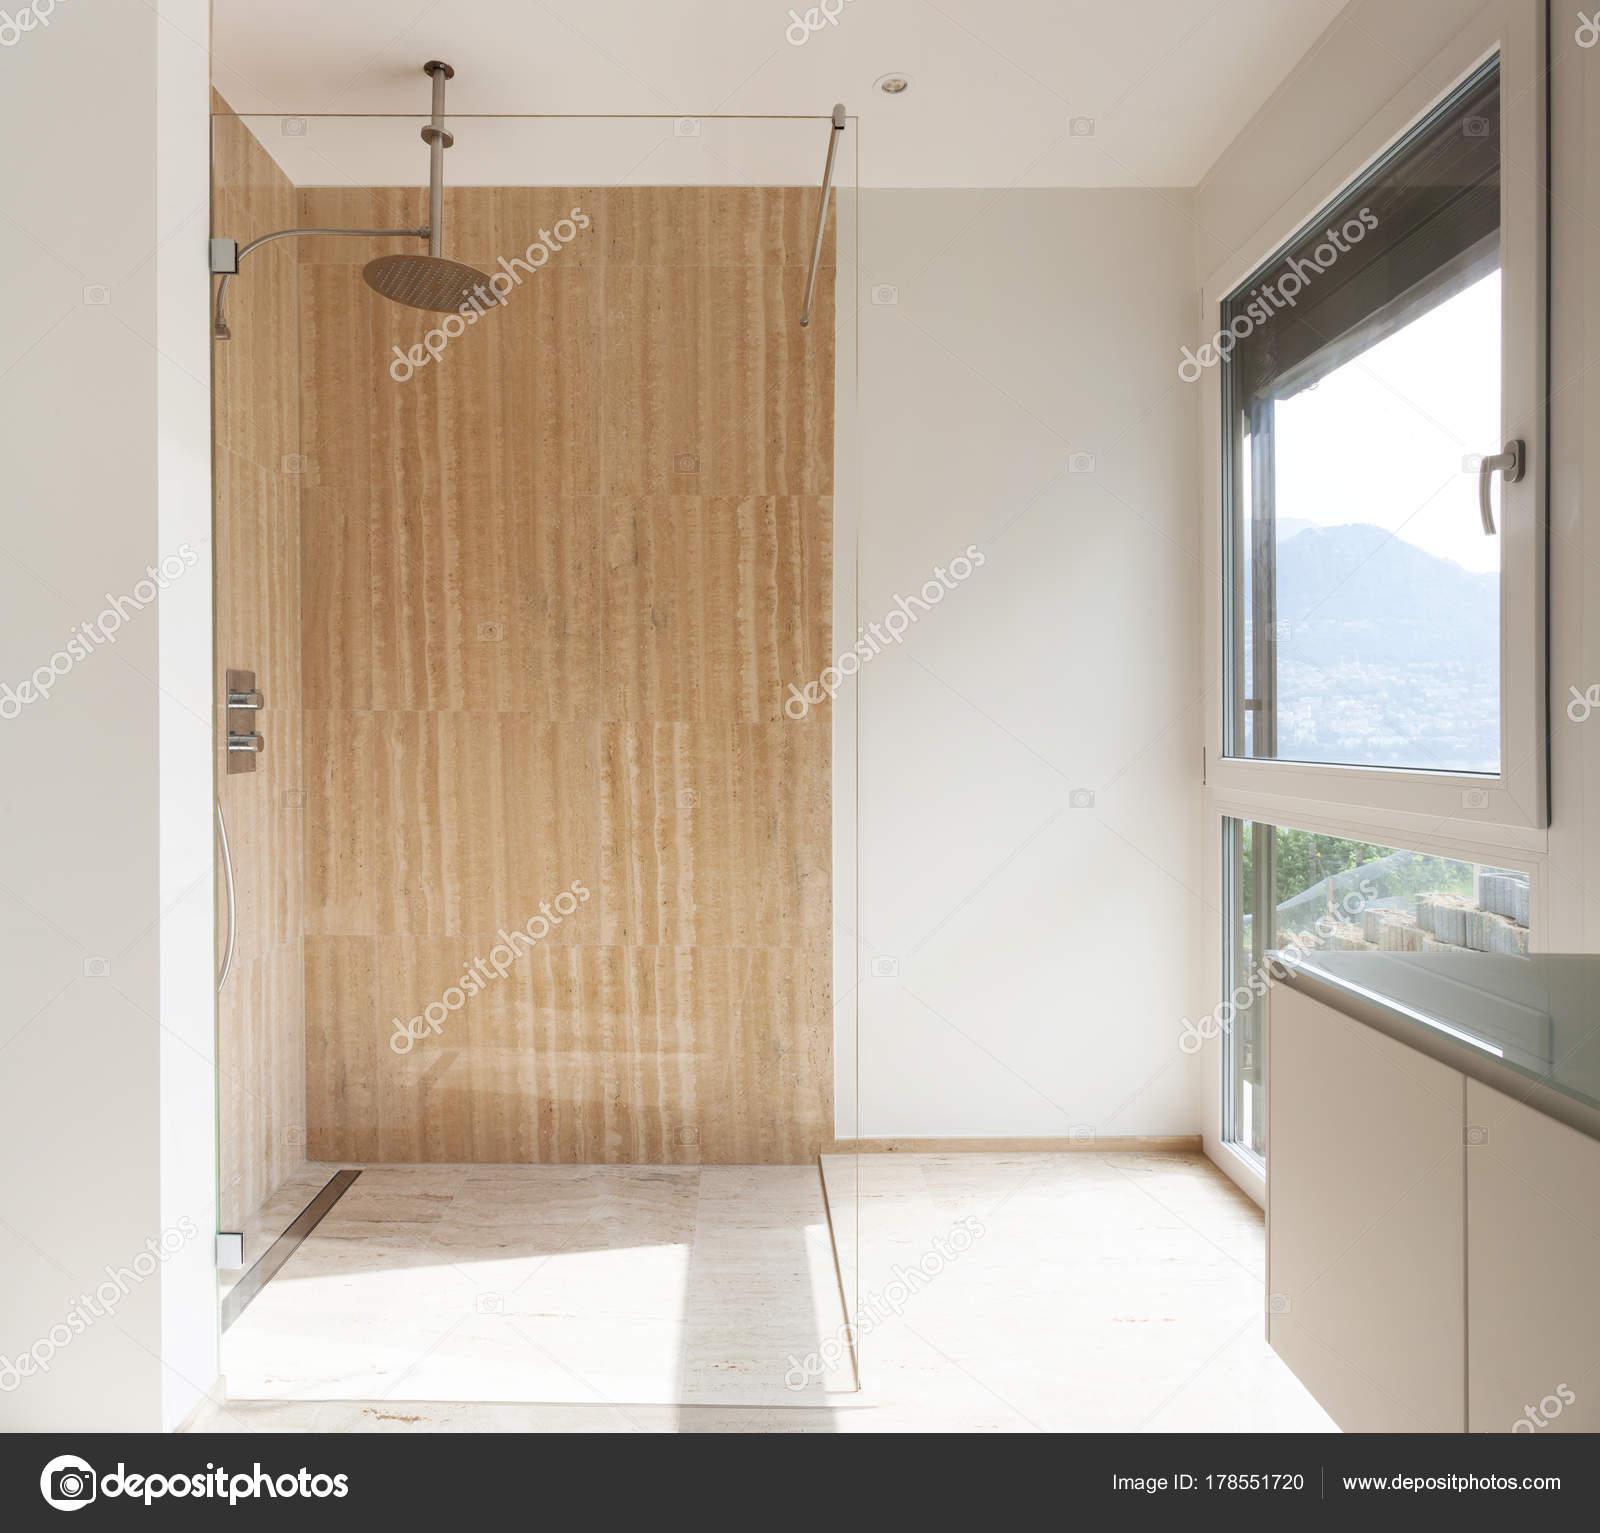 Ba o moderno paredes m rmol ducha vista fotos de stock for Marmol para ducha